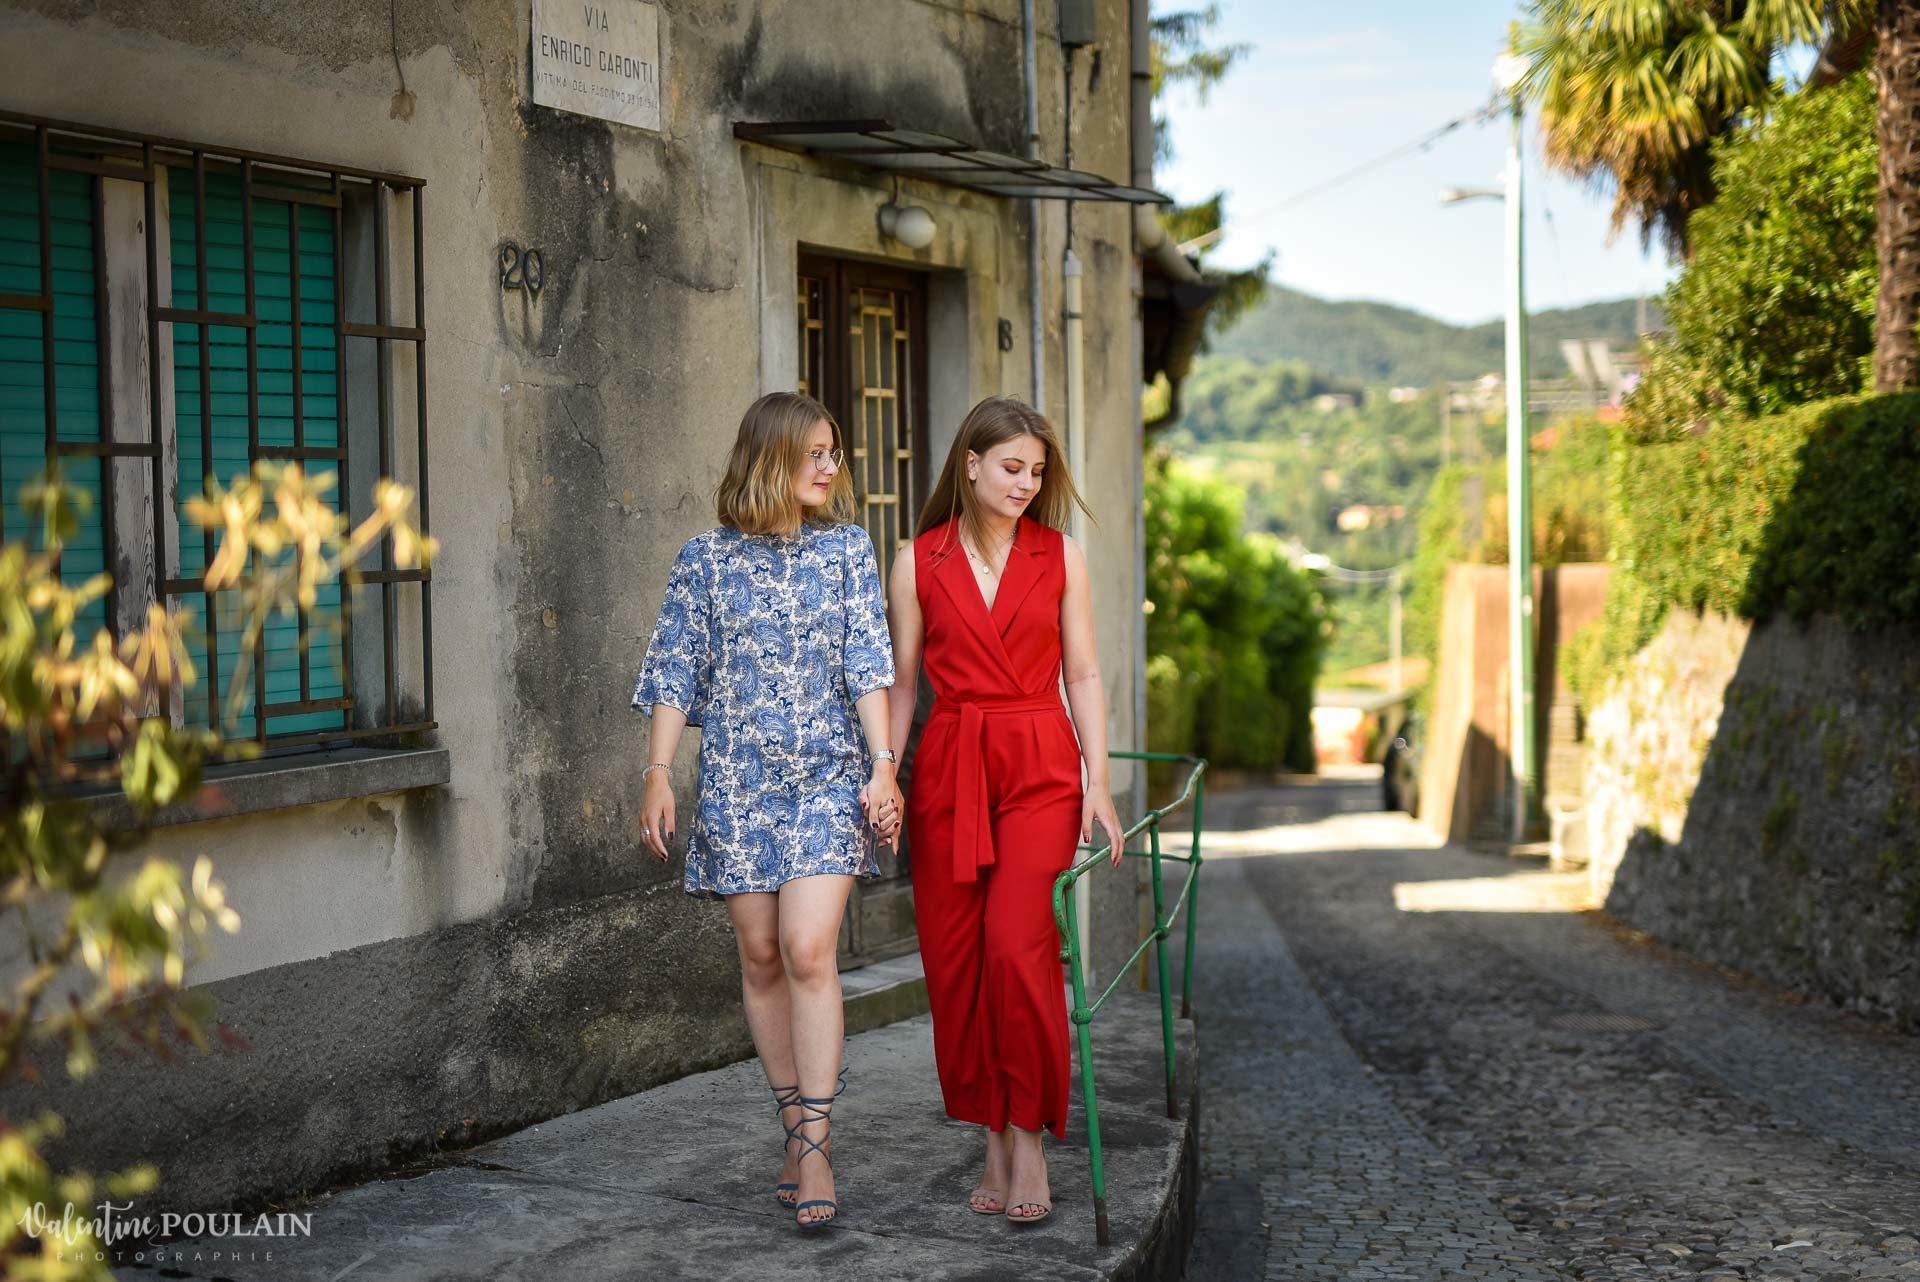 Shooting soeurs Italie - Valentine Poulain marcher